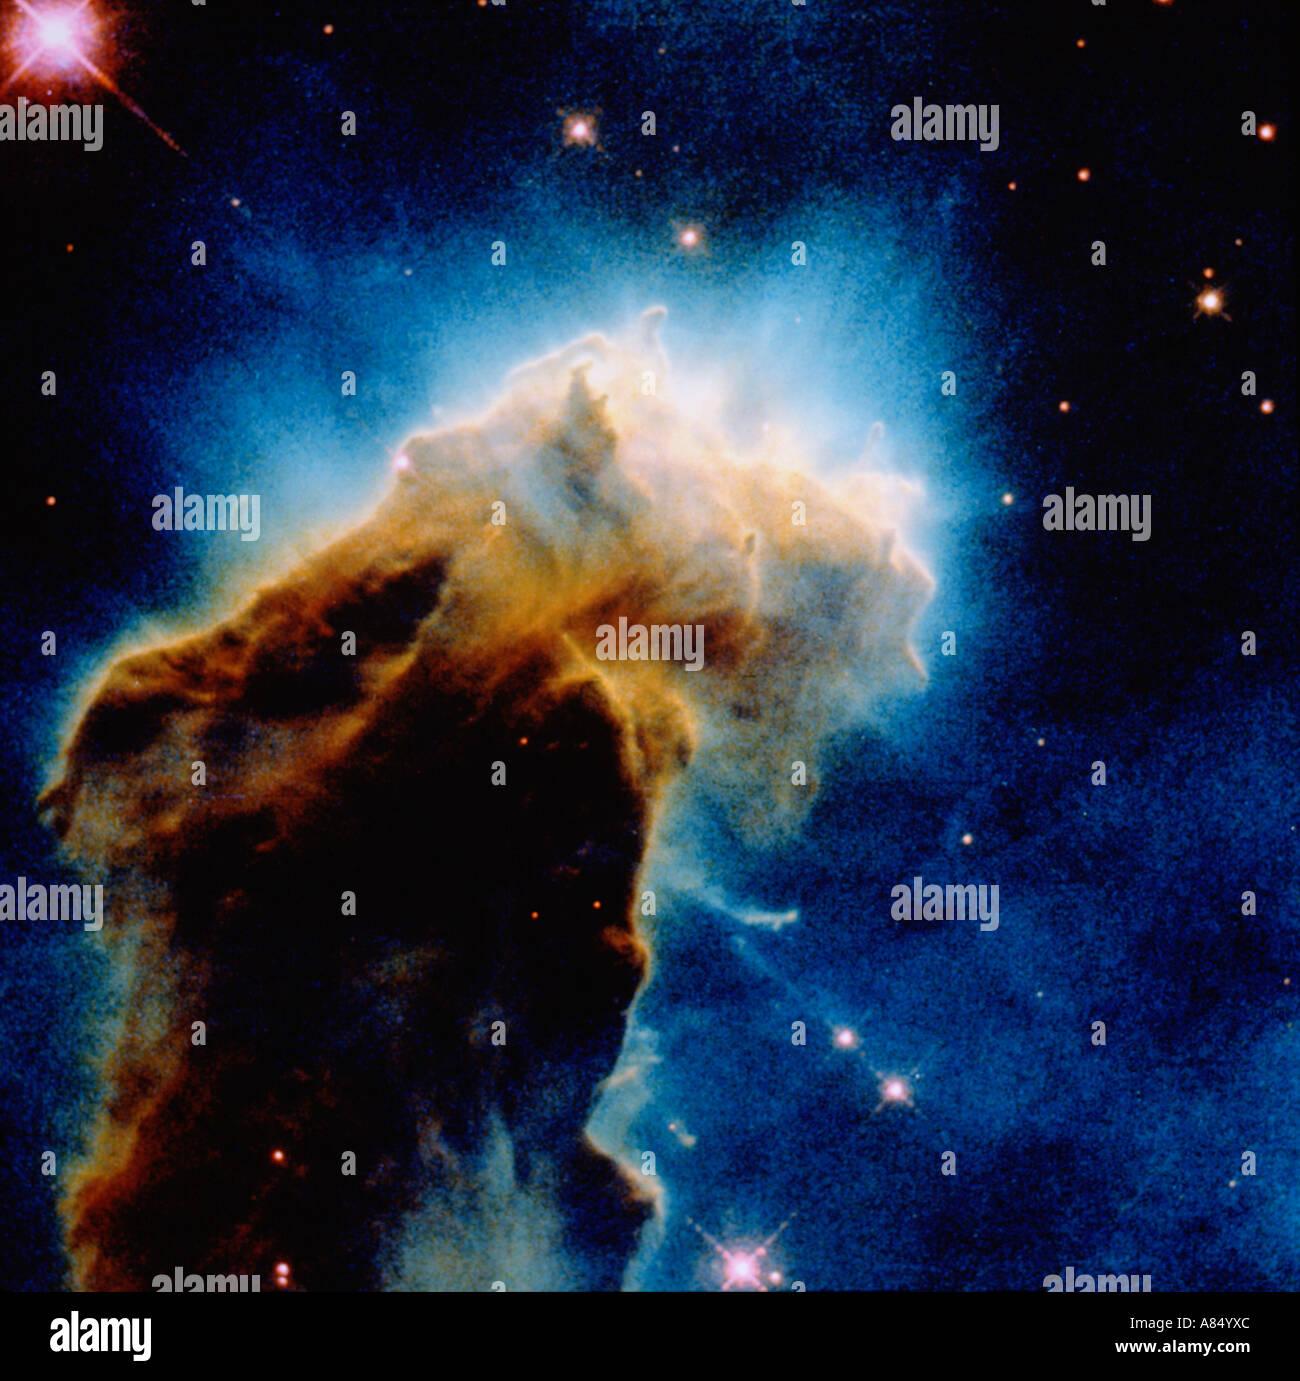 Astronomia. Star nascita nuvole nello spazio profondo. Eagle nebula. Telescopio Hubble immagine. Immagini Stock